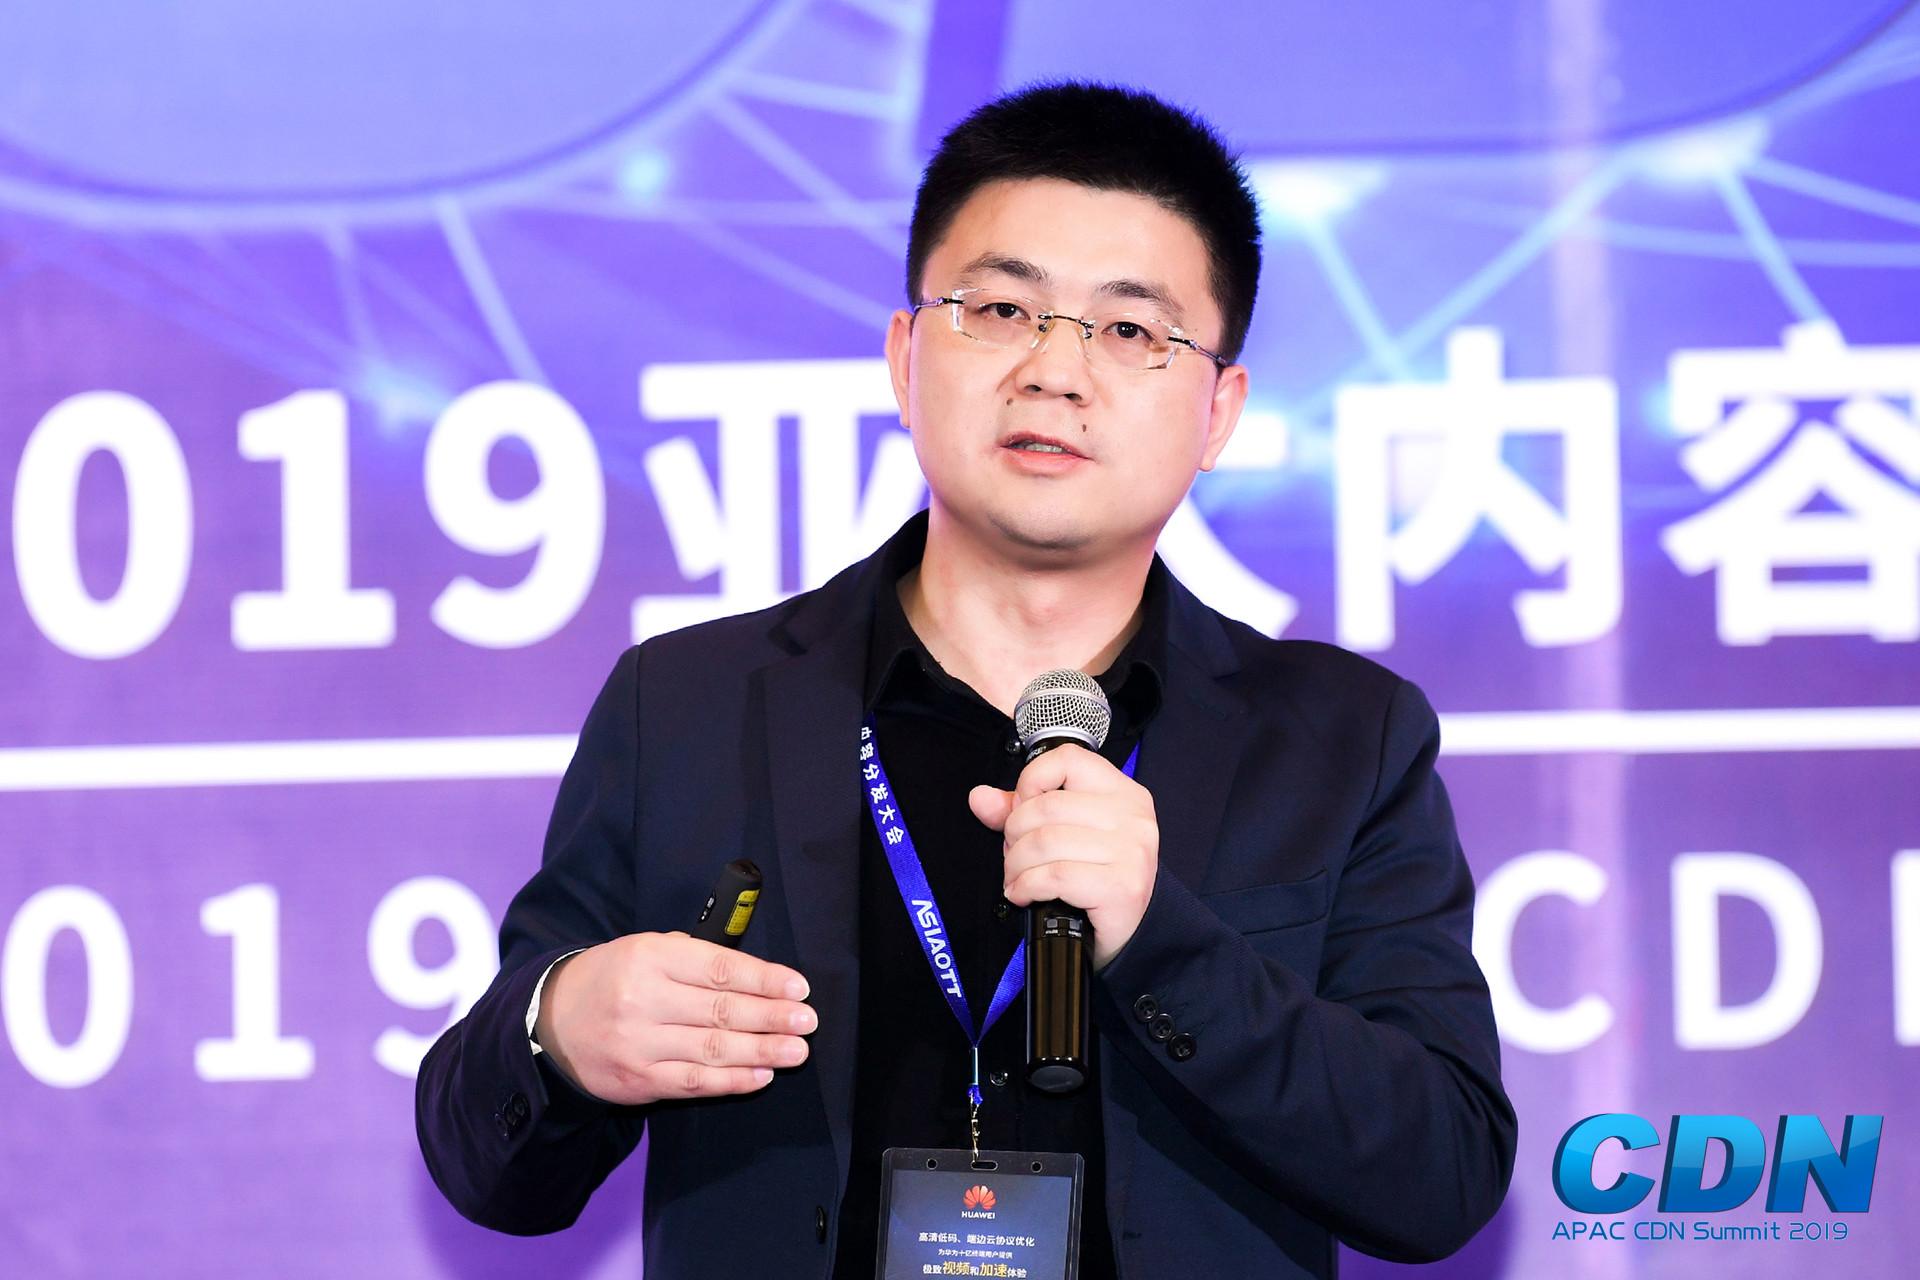 腾讯云CDN副总经理兼首席架构师邓独:CDN在产业互联网中的蜕变和创新